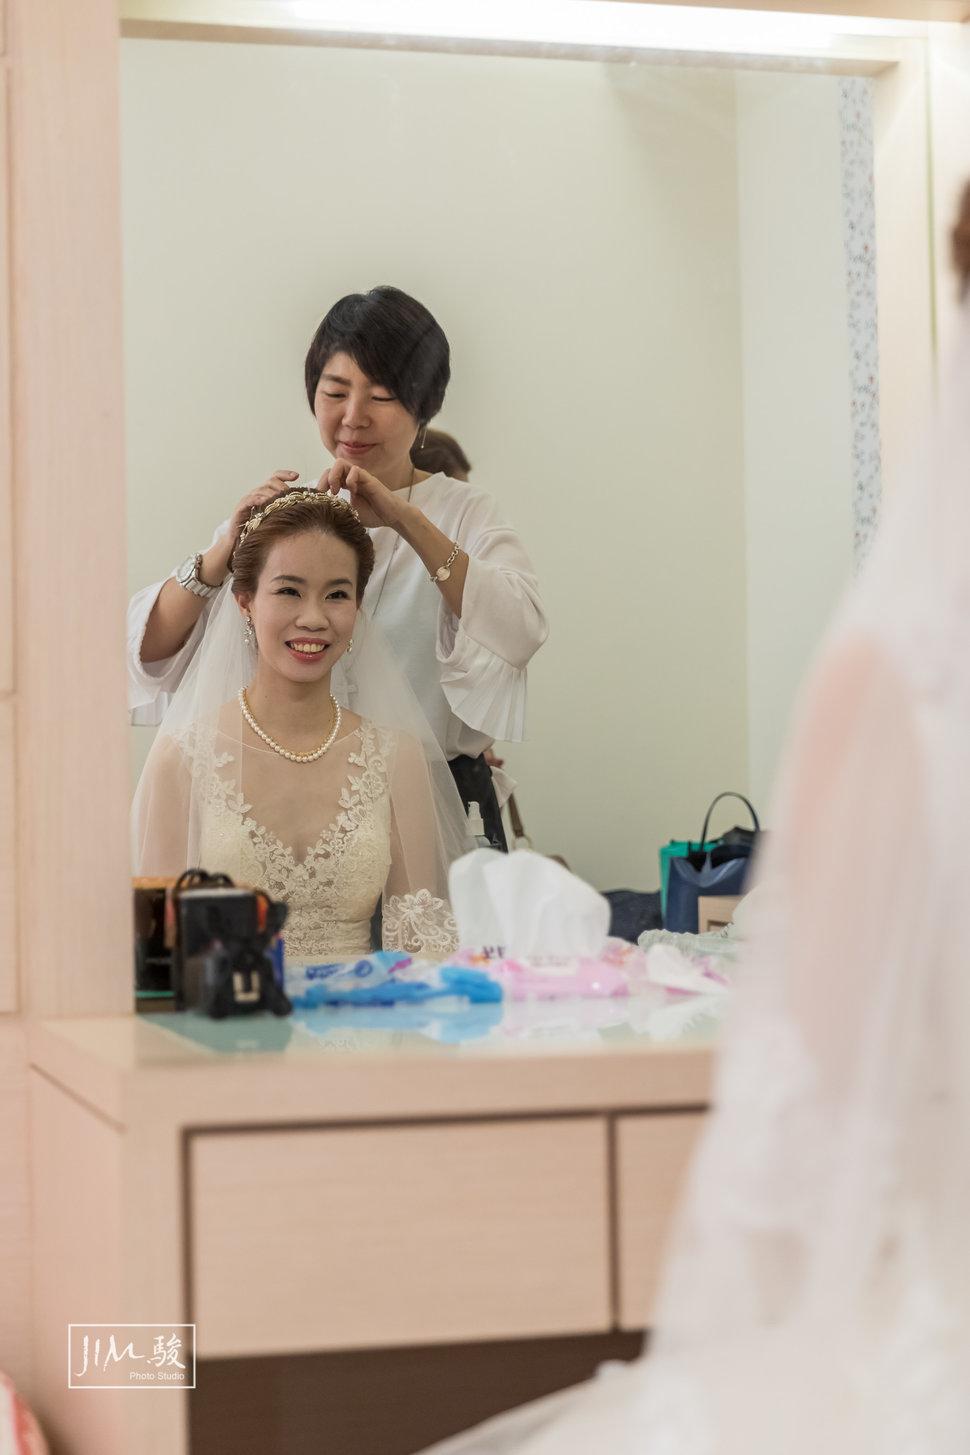 16' 1105 玨秀&正宇 文定+迎娶(編號:515922) - JIM 駿 PHOTO Studio - 結婚吧